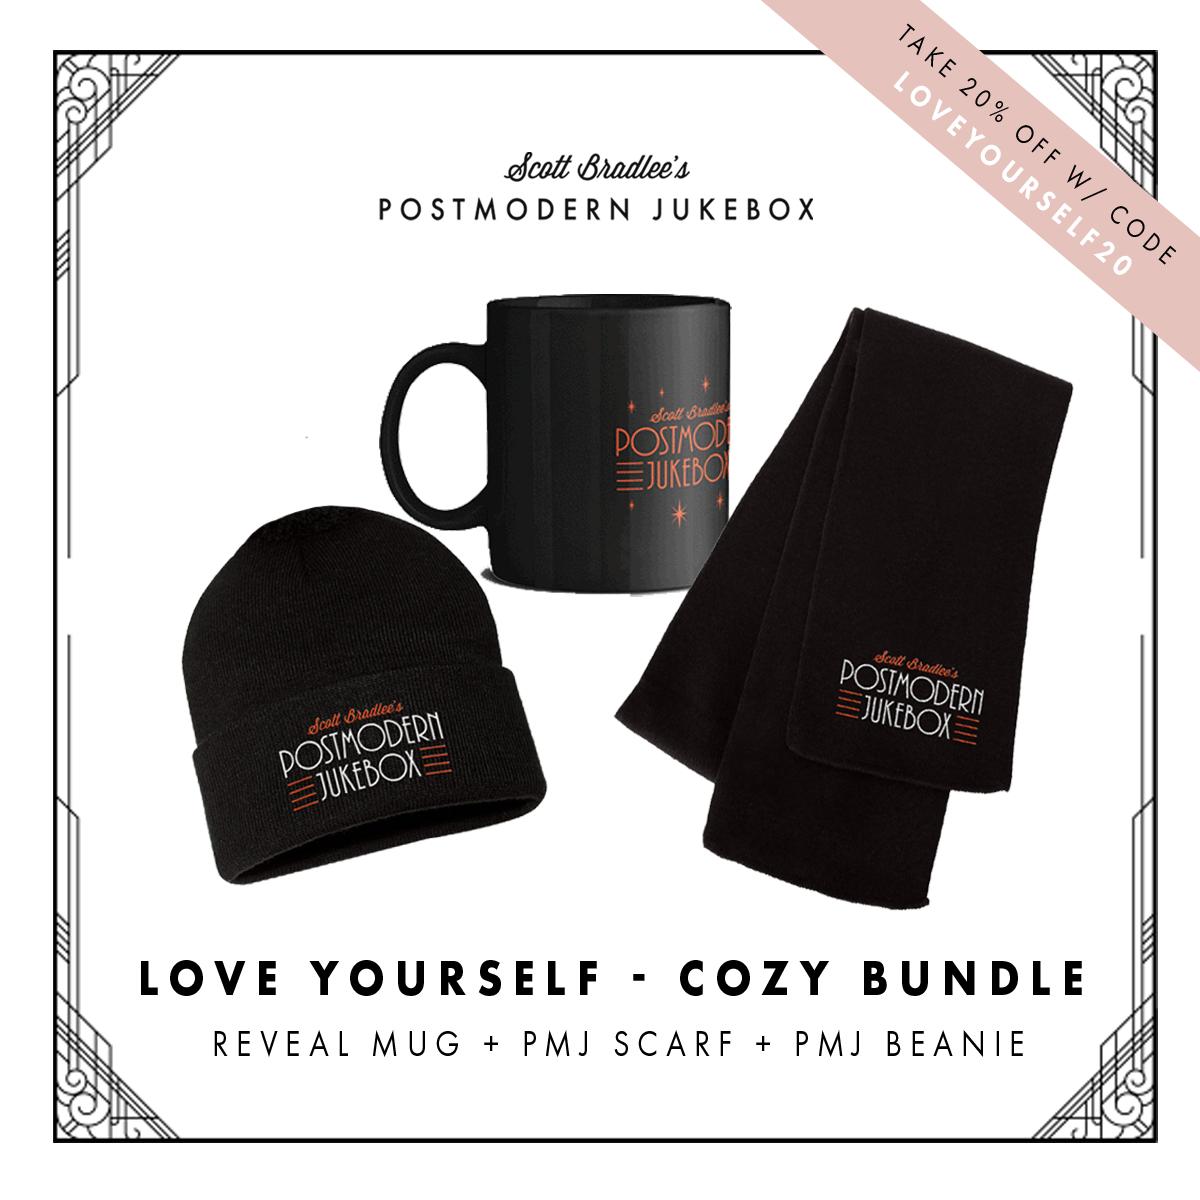 Love Yourself - Cozy Bundle